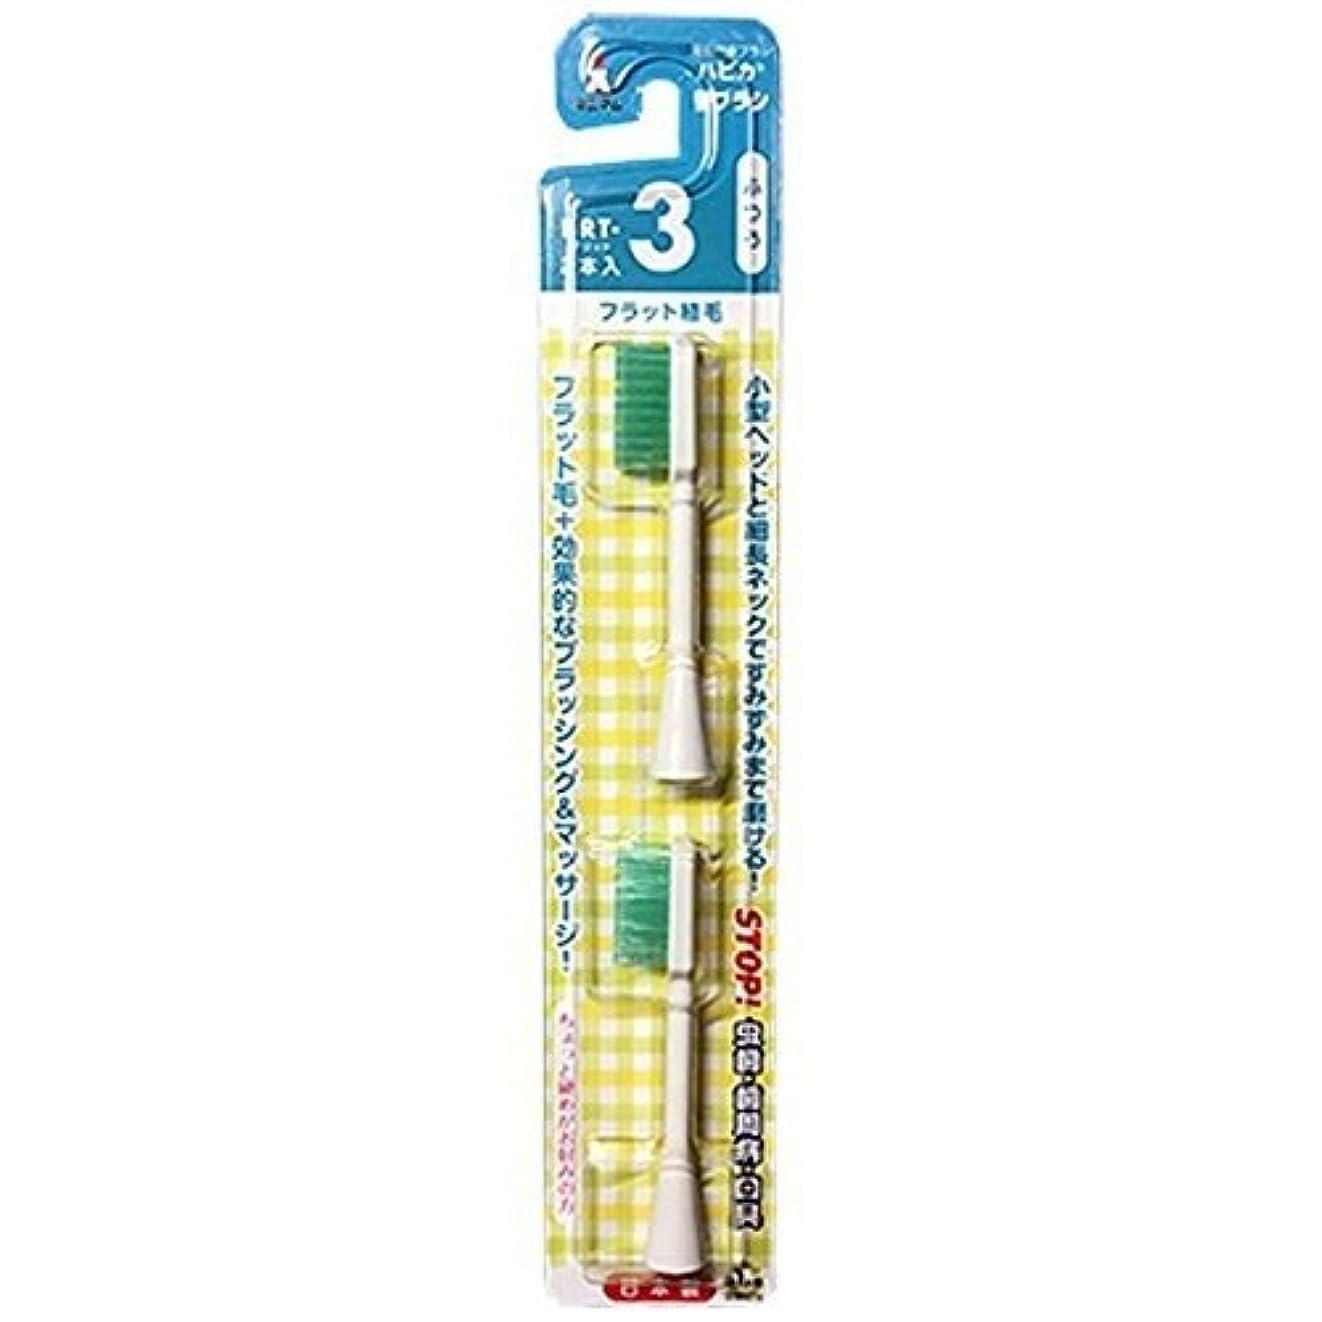 定説冷凍庫メダルミニマム 電動付歯ブラシ ハピカ 専用替ブラシ フラット植毛 毛の硬さ:ふつう BRT-3T 2個入